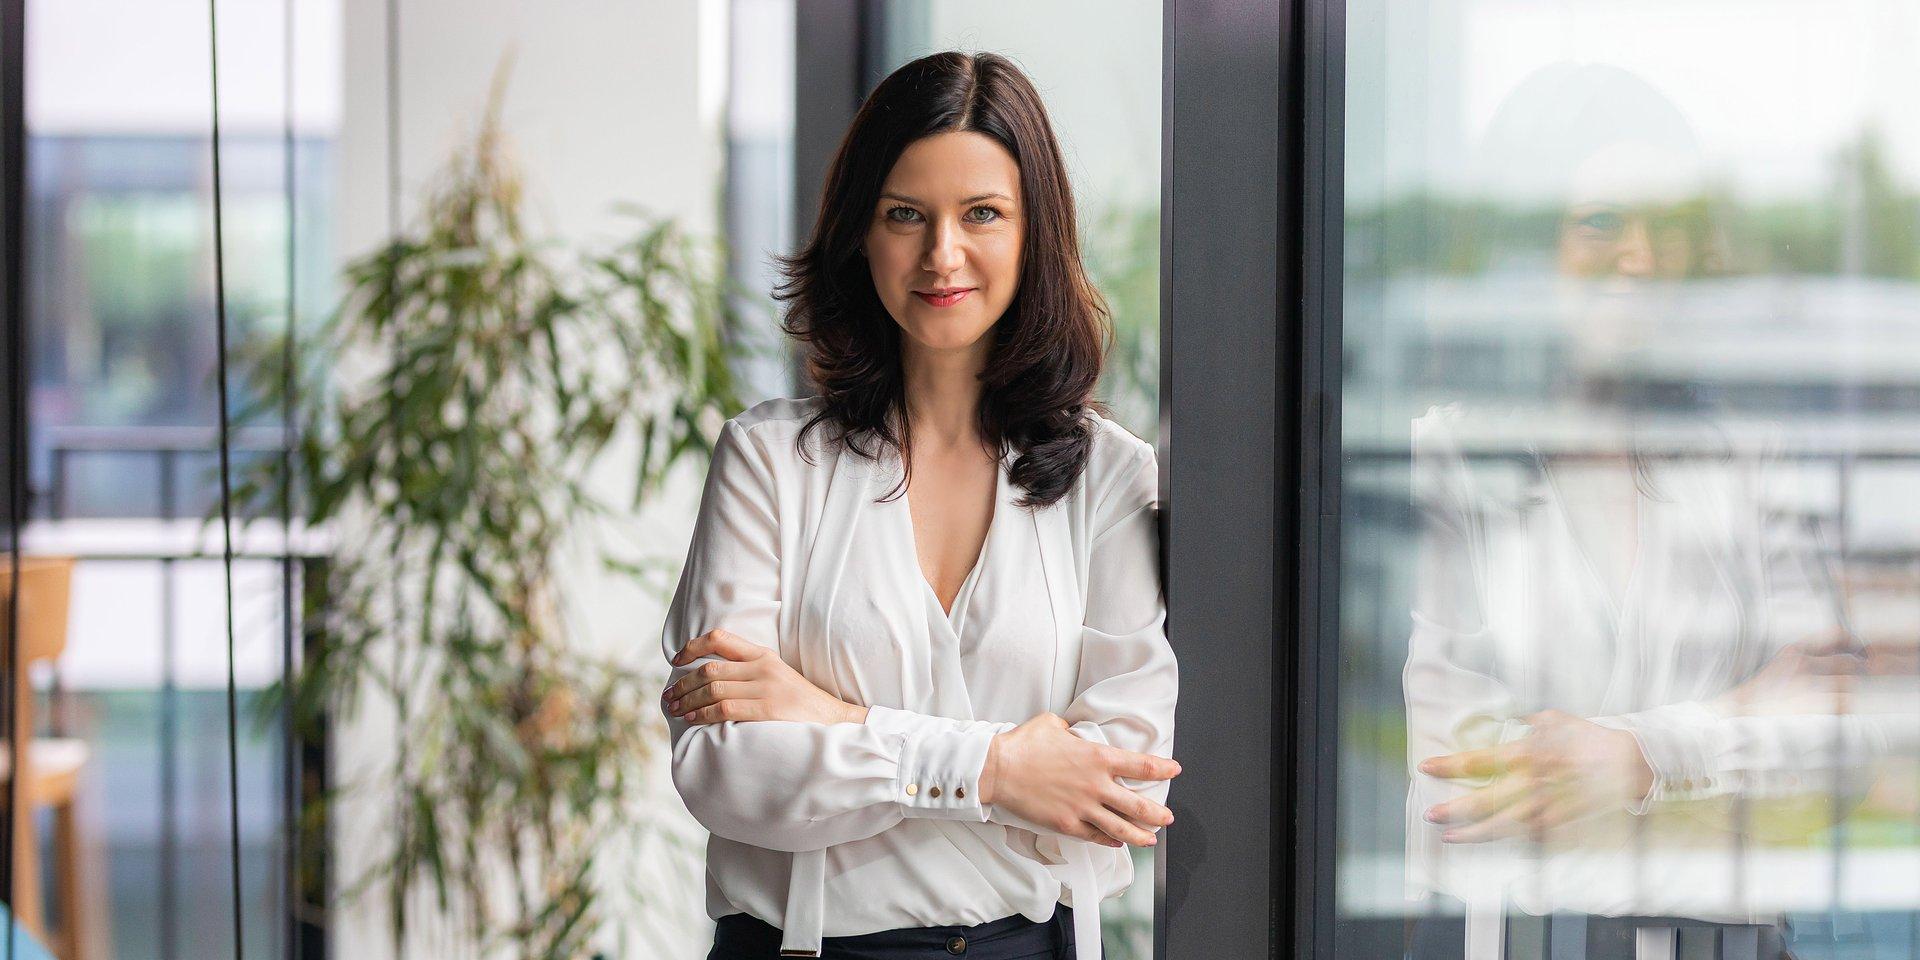 Dominika Paruszewska